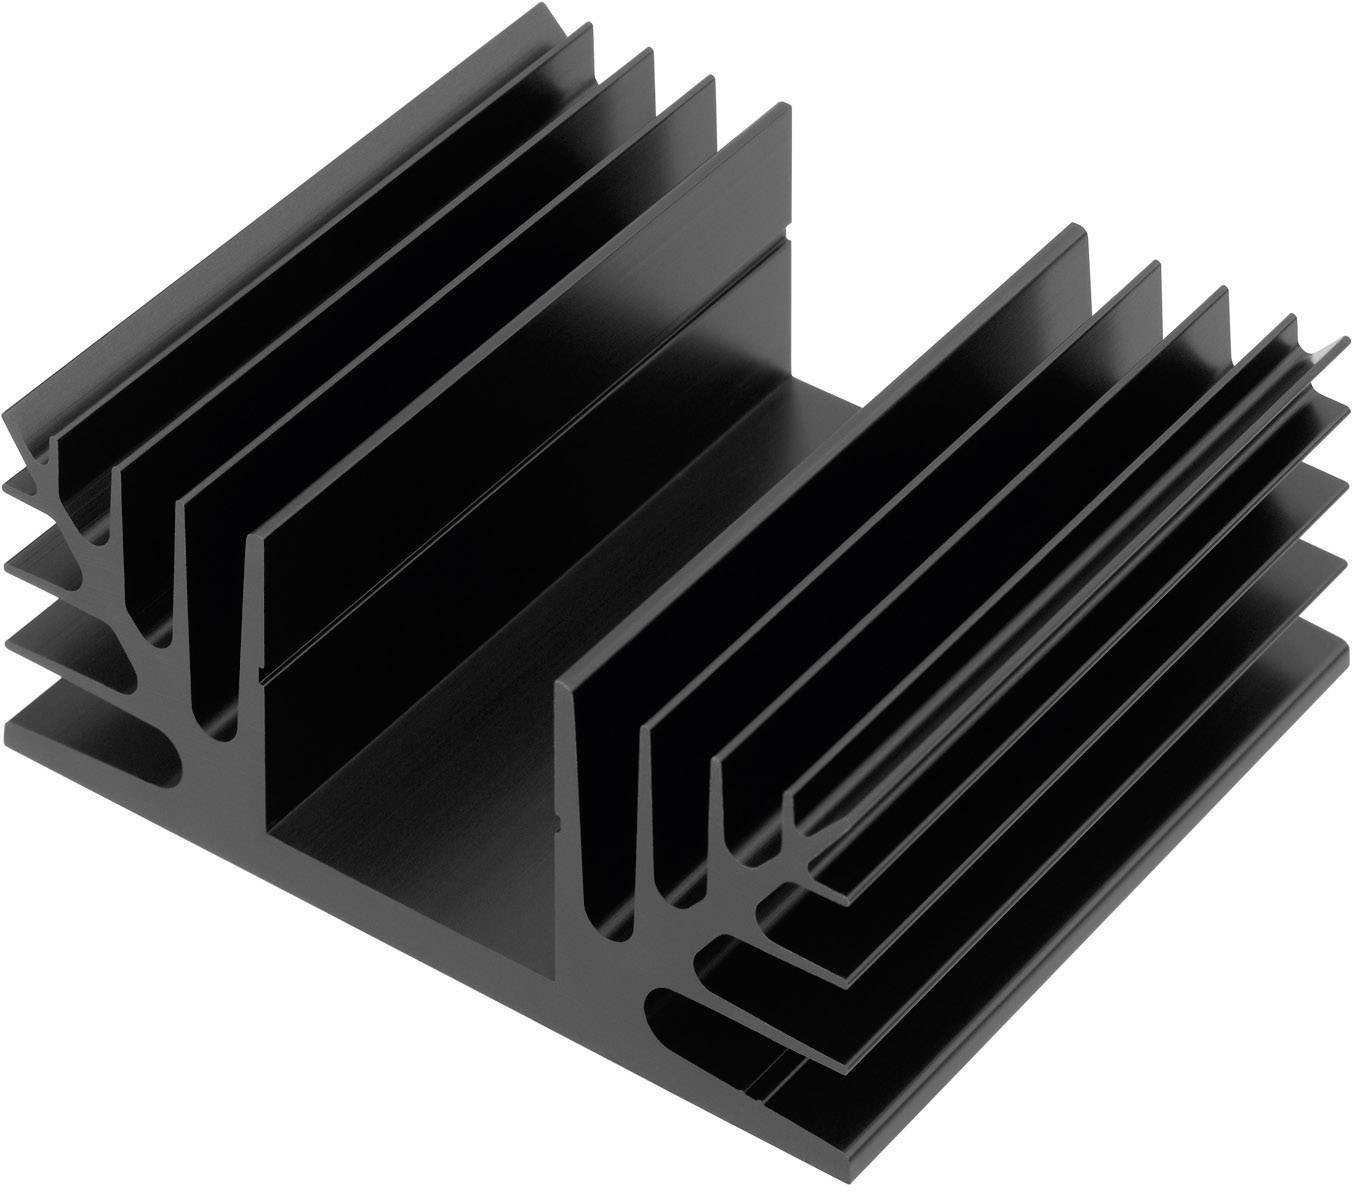 Chladič CTX Thermal Solutions CTX08/50 CTX08/50, 2.3 K/W, (d x š x v) 50 x 88 x 35 mm